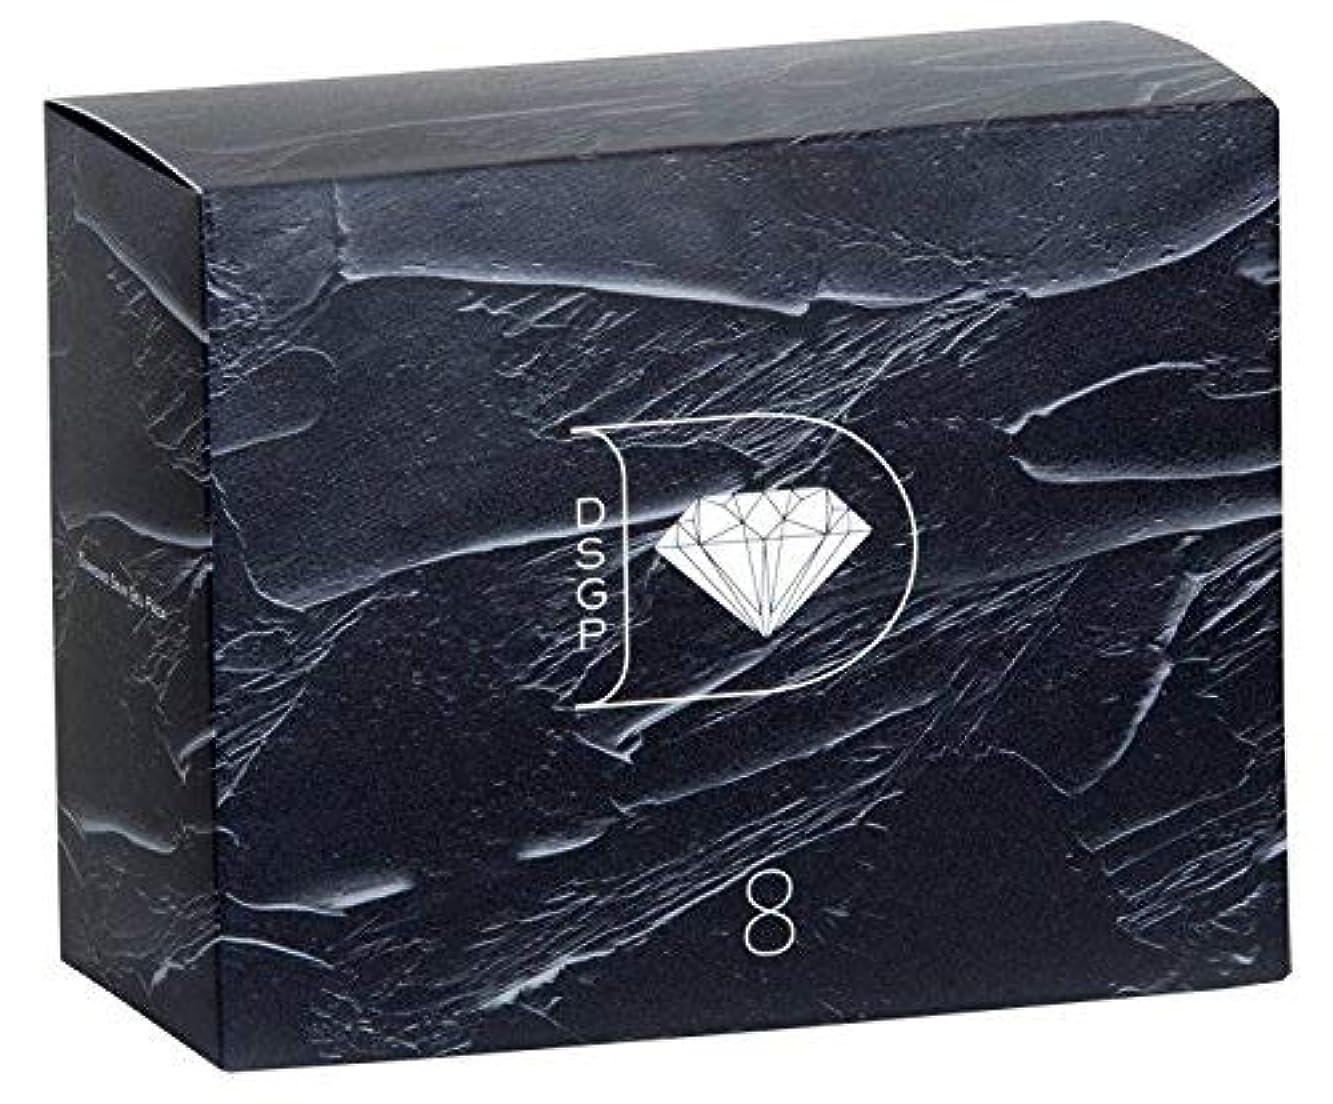 説明する損傷オリエンテーションダイヤモンドスキンジェルパック×1箱 (8回分) 1回のパックで実感、もっちり肌。 琉球粘土×高濃度炭酸ガス フェイスパック